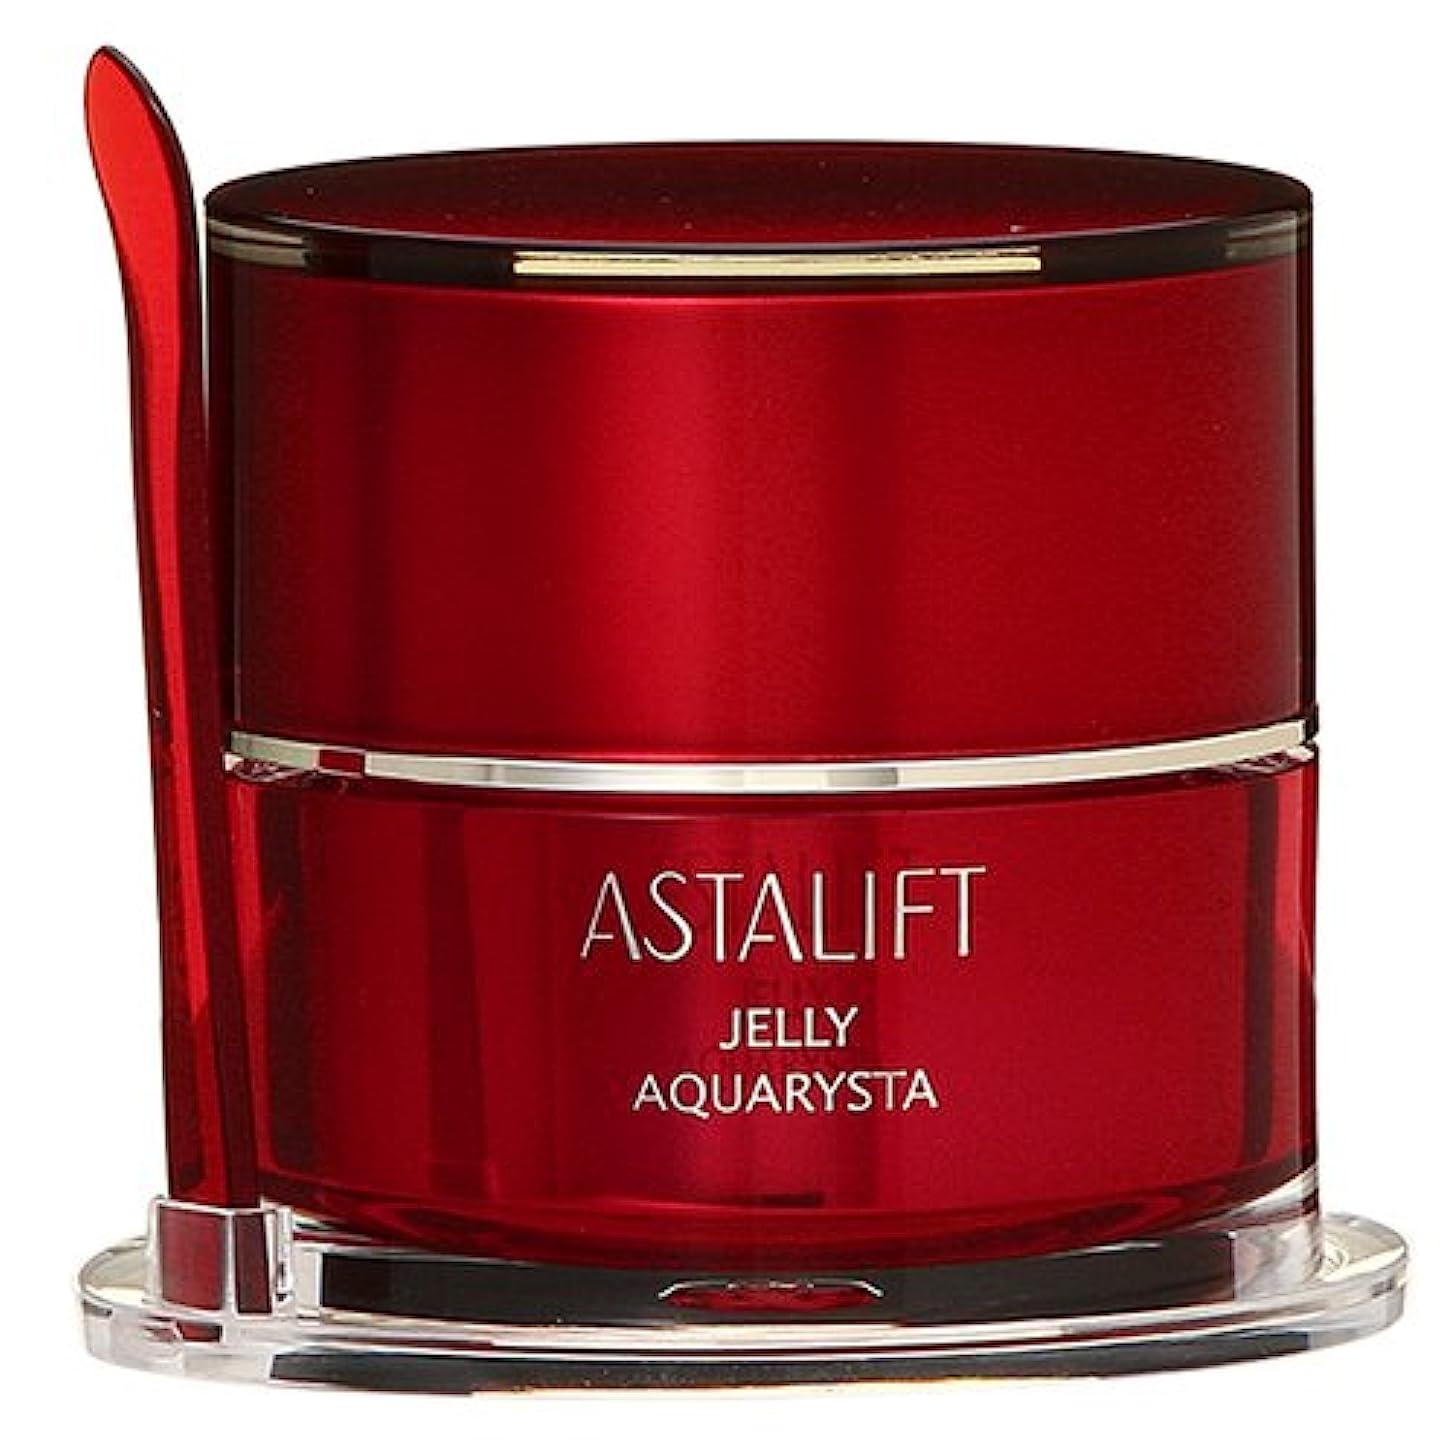 ペレット知っているに立ち寄る敬意を表してフジフイルム アスタリフト ジェリーアクアリスタ 60g 並行輸入品